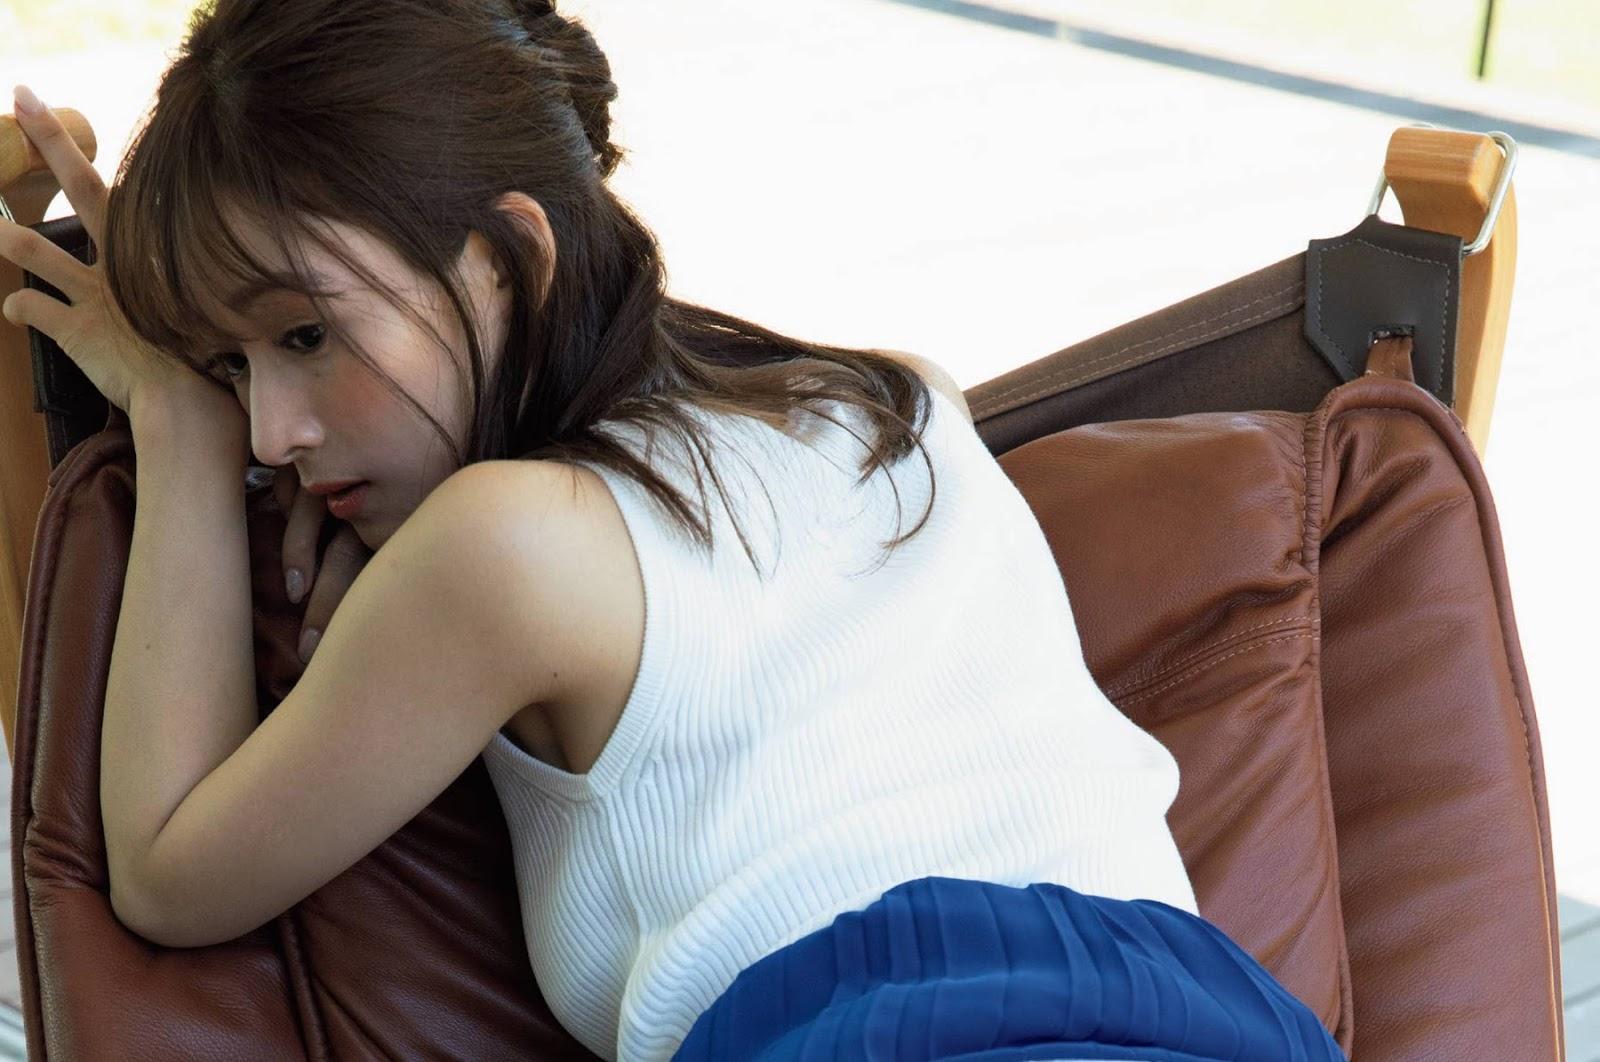 一言不合就露內褲~フミカ(Fumika) - 亞洲美女 -